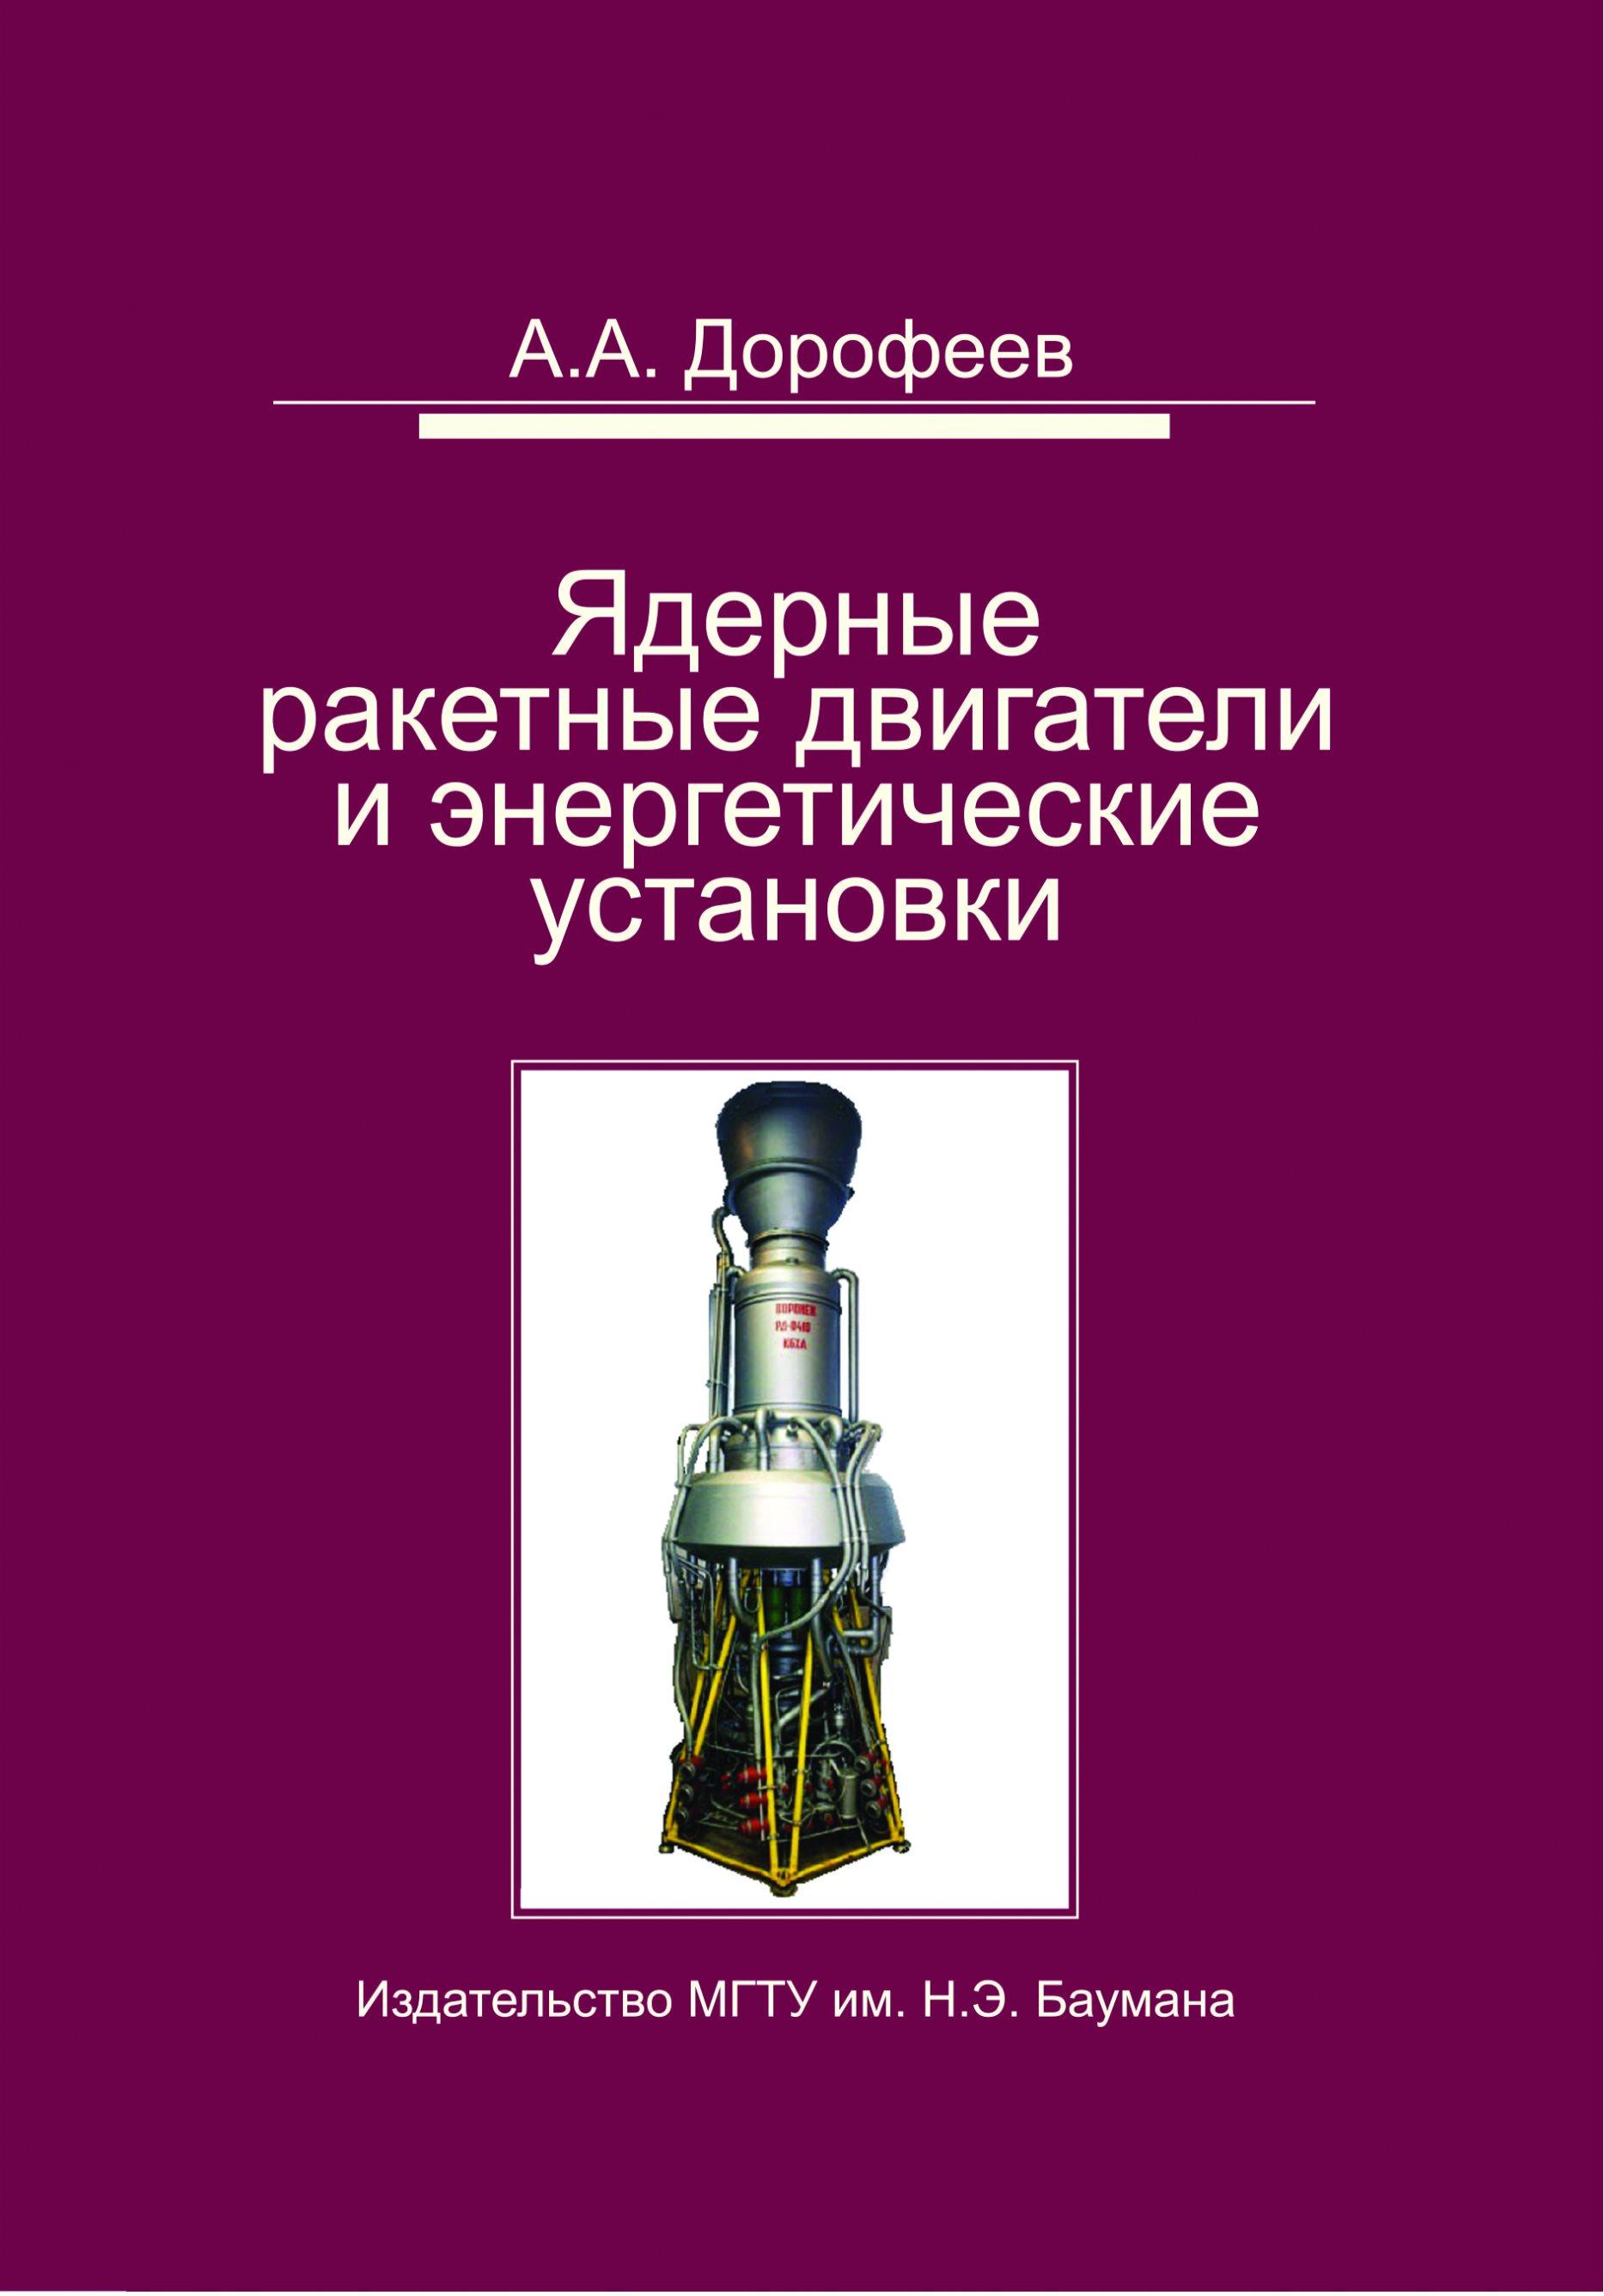 цена на Анатолий Дорофеев Ядерные ракетные двигатели и энергетические установки. Введение в теорию, расчет и проектирование